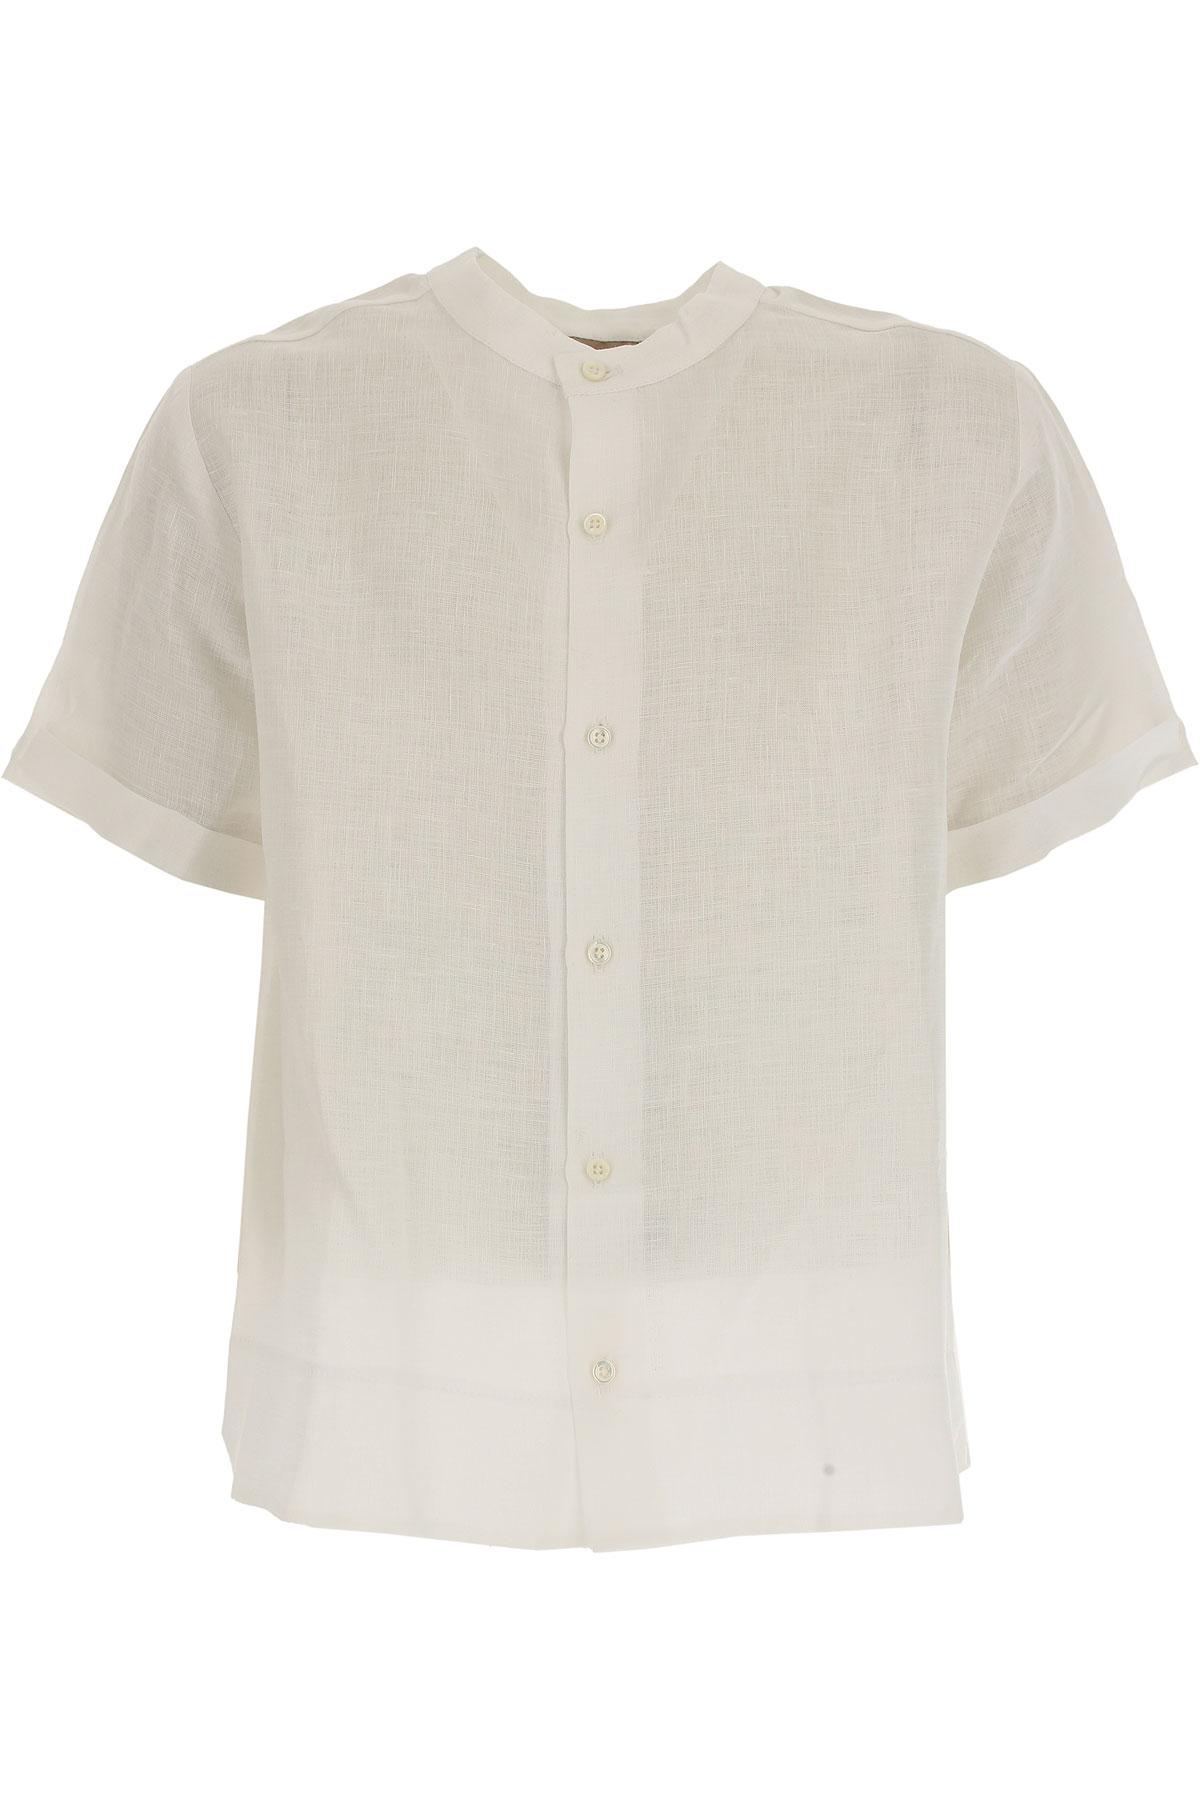 La Stupenderia Chemises Enfant pour Garçon Pas cher en Soldes Outlet, Blanc, Lin, 2017, 12Y 4Y 7Y 8Y